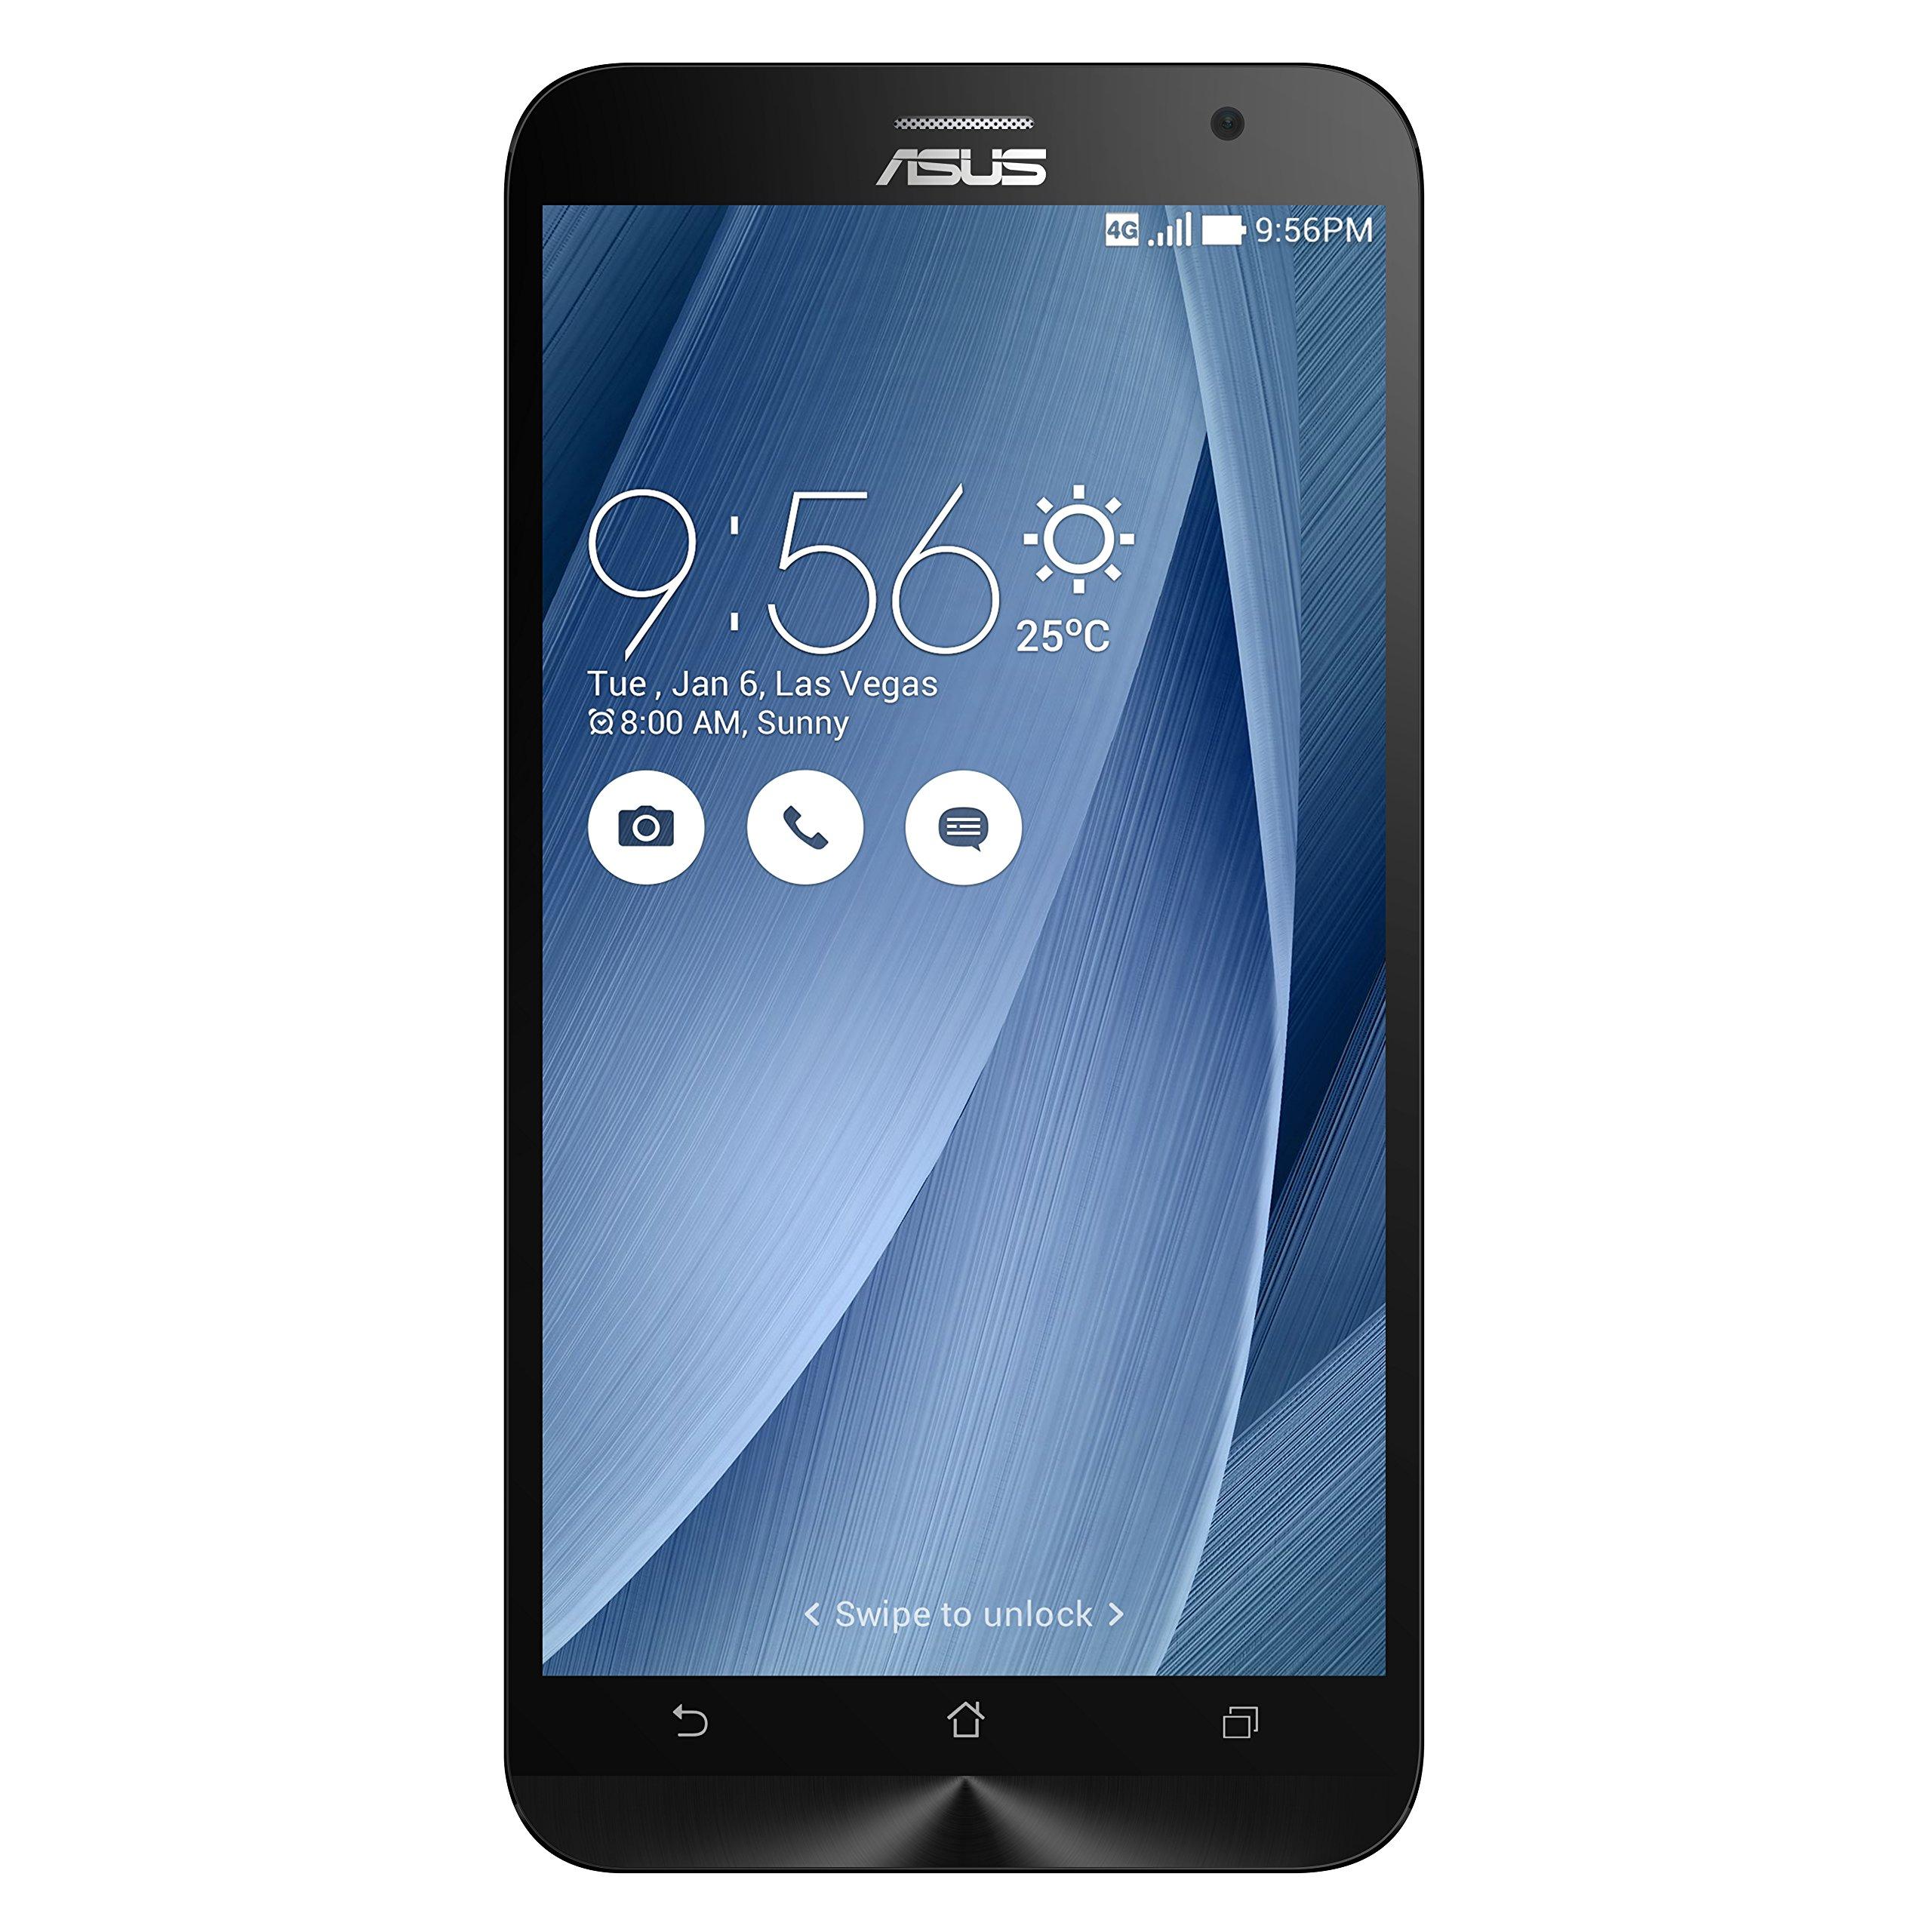 ASUS ZenFone 2 Unlocked Smartphone, 16GB, Silver (U.S. Warranty)